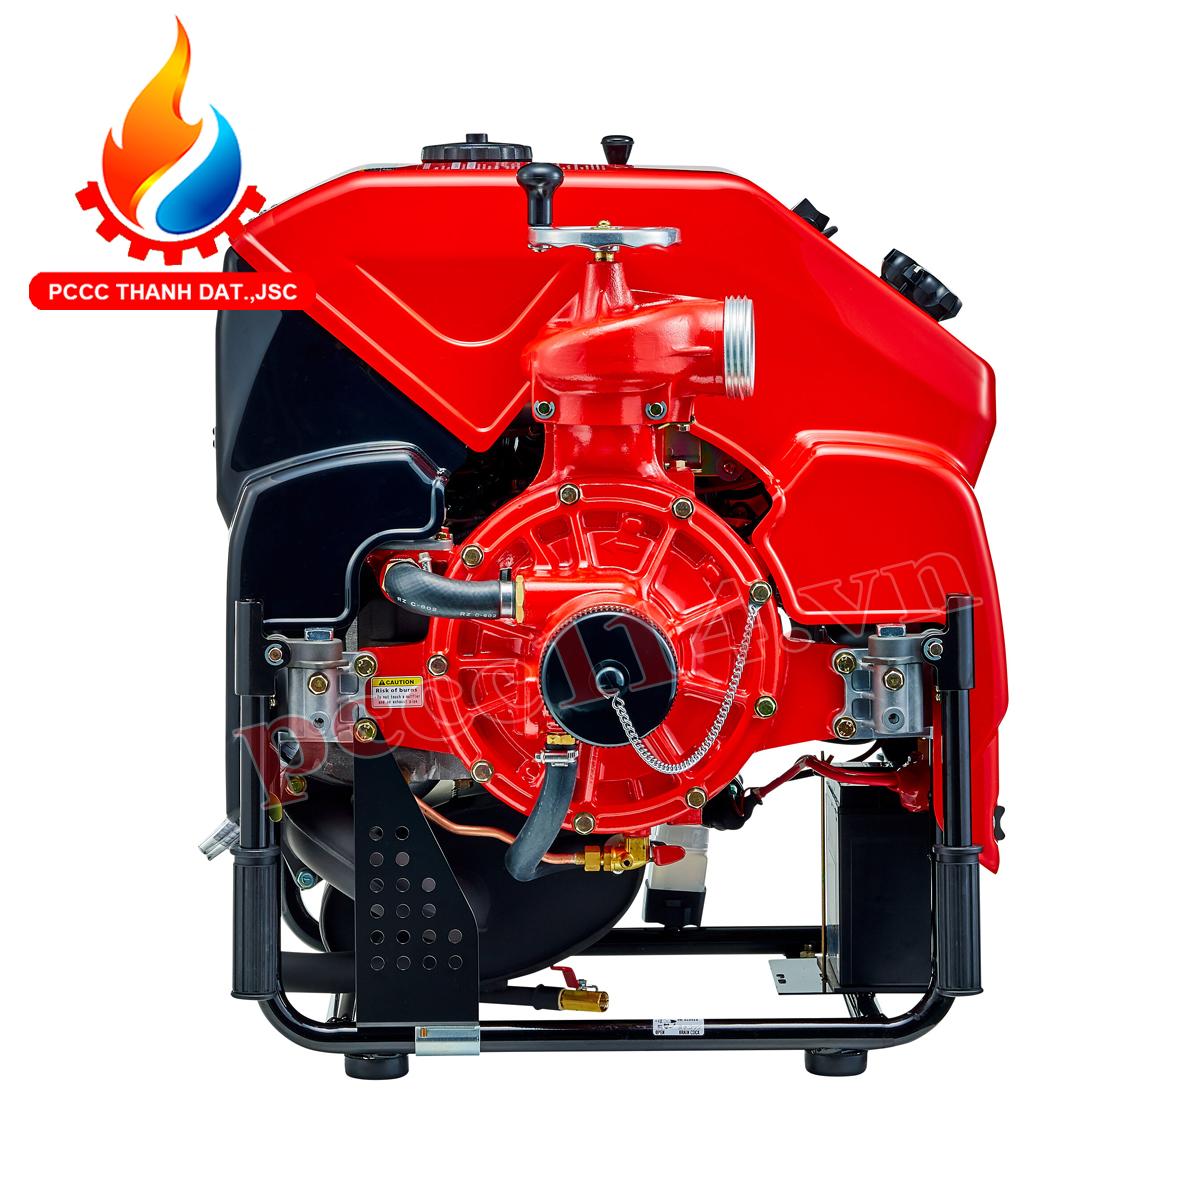 Báo giá máy bơm chữa cháy chạy xăng